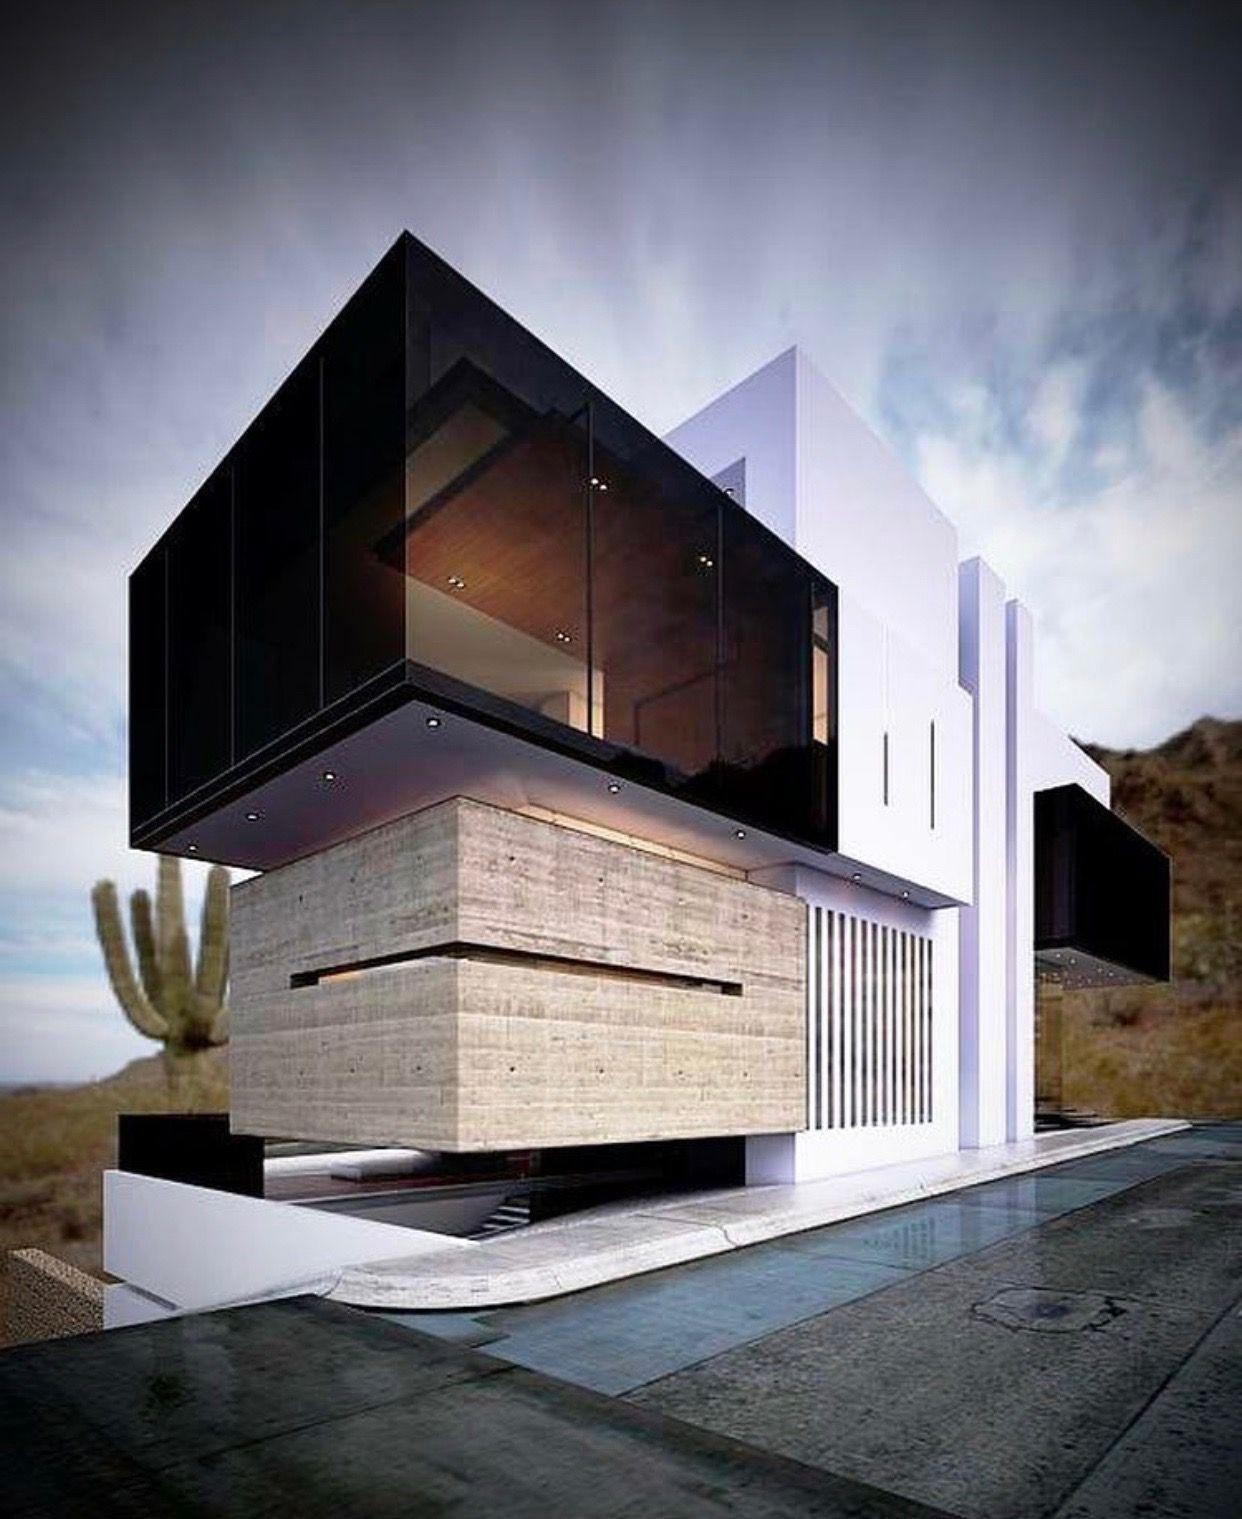 Movimiento de volumenes y materiales continente for Galerias casas minimalistas